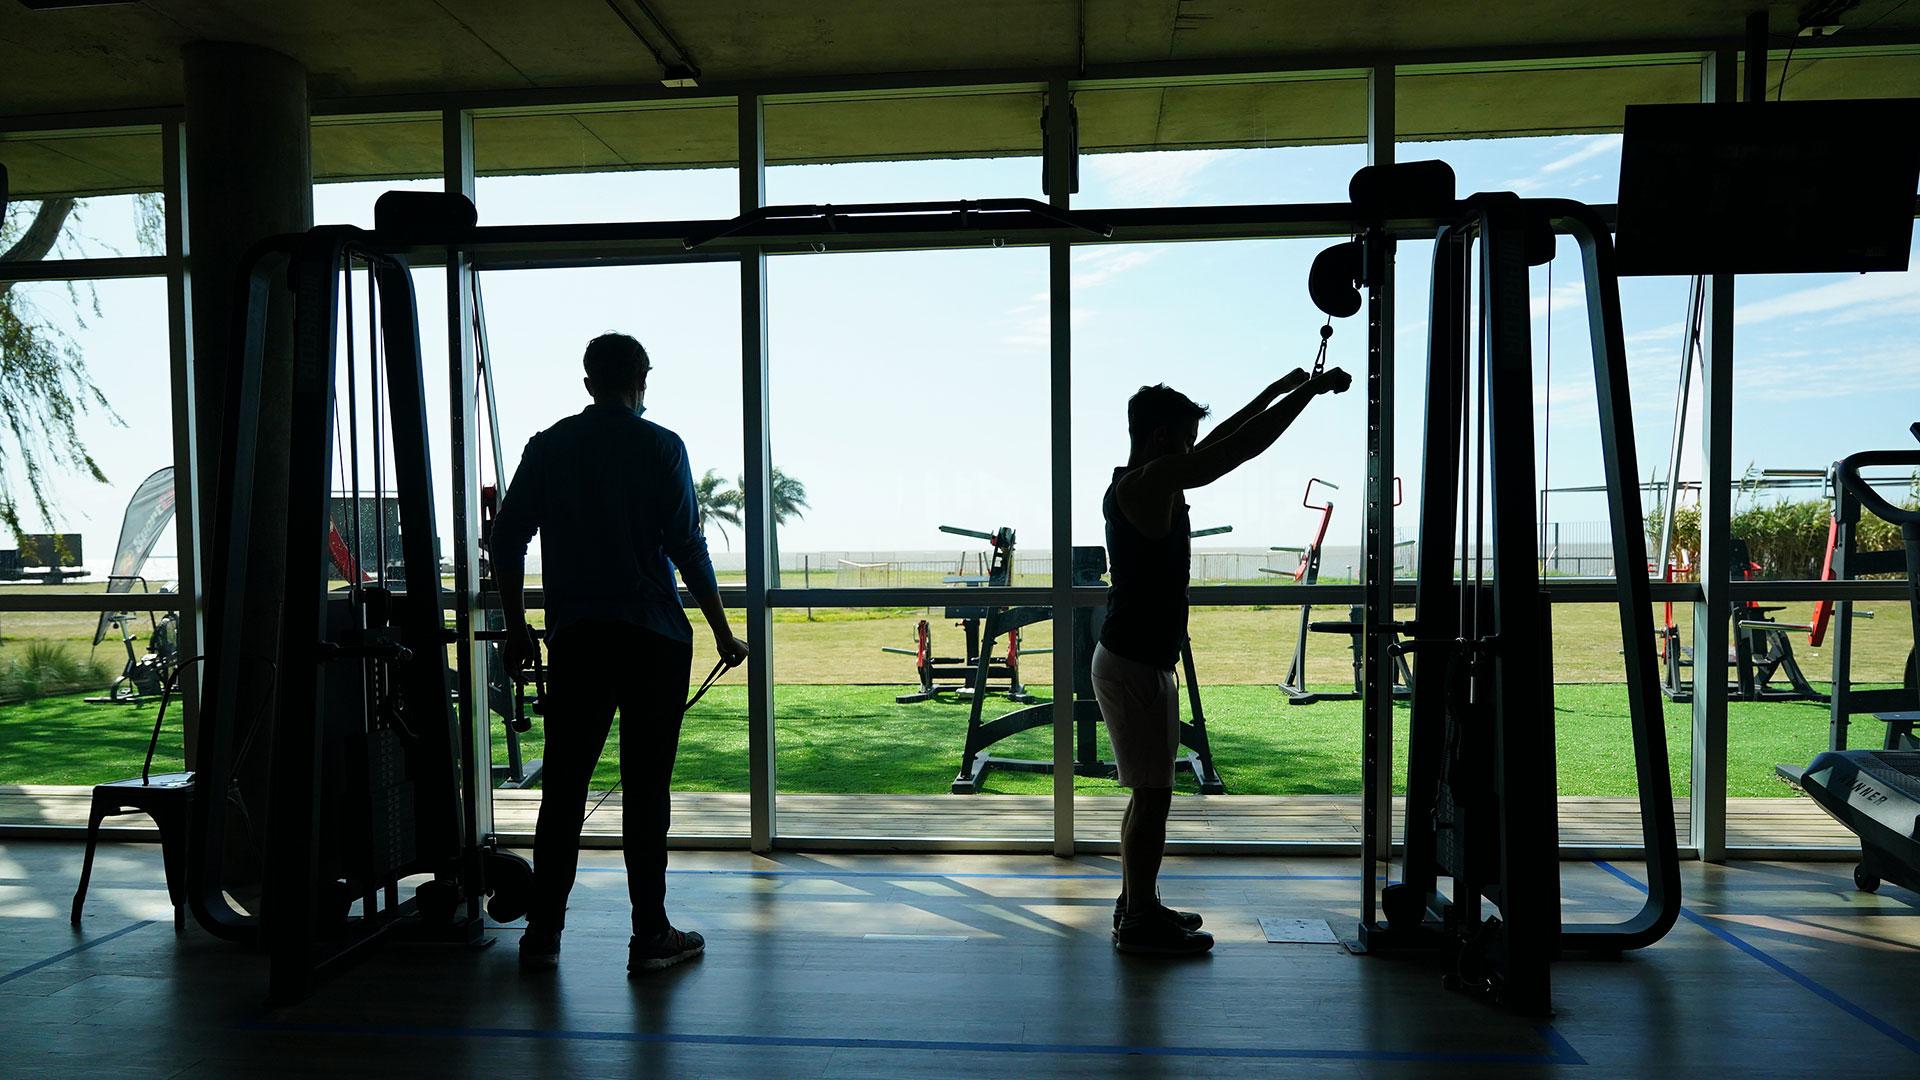 El gimnasio deberá hacer cumplir el diagrama de flujo: ENTRAR-ENTRENAR-SALIR